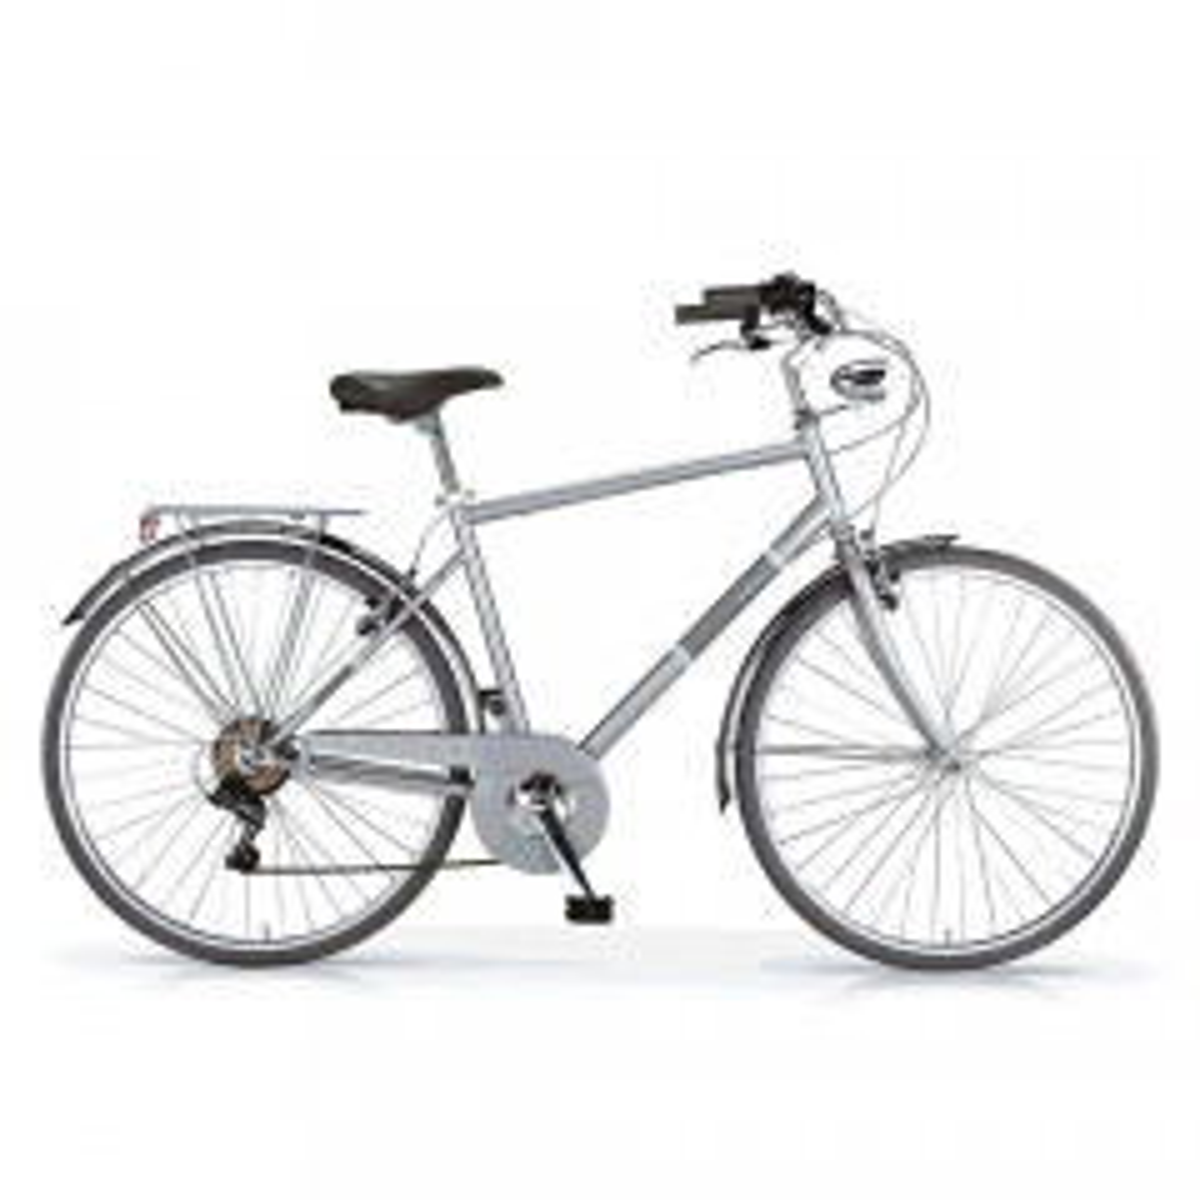 Bici Sport Uomo Silvery MBM Grigio Metallizzato